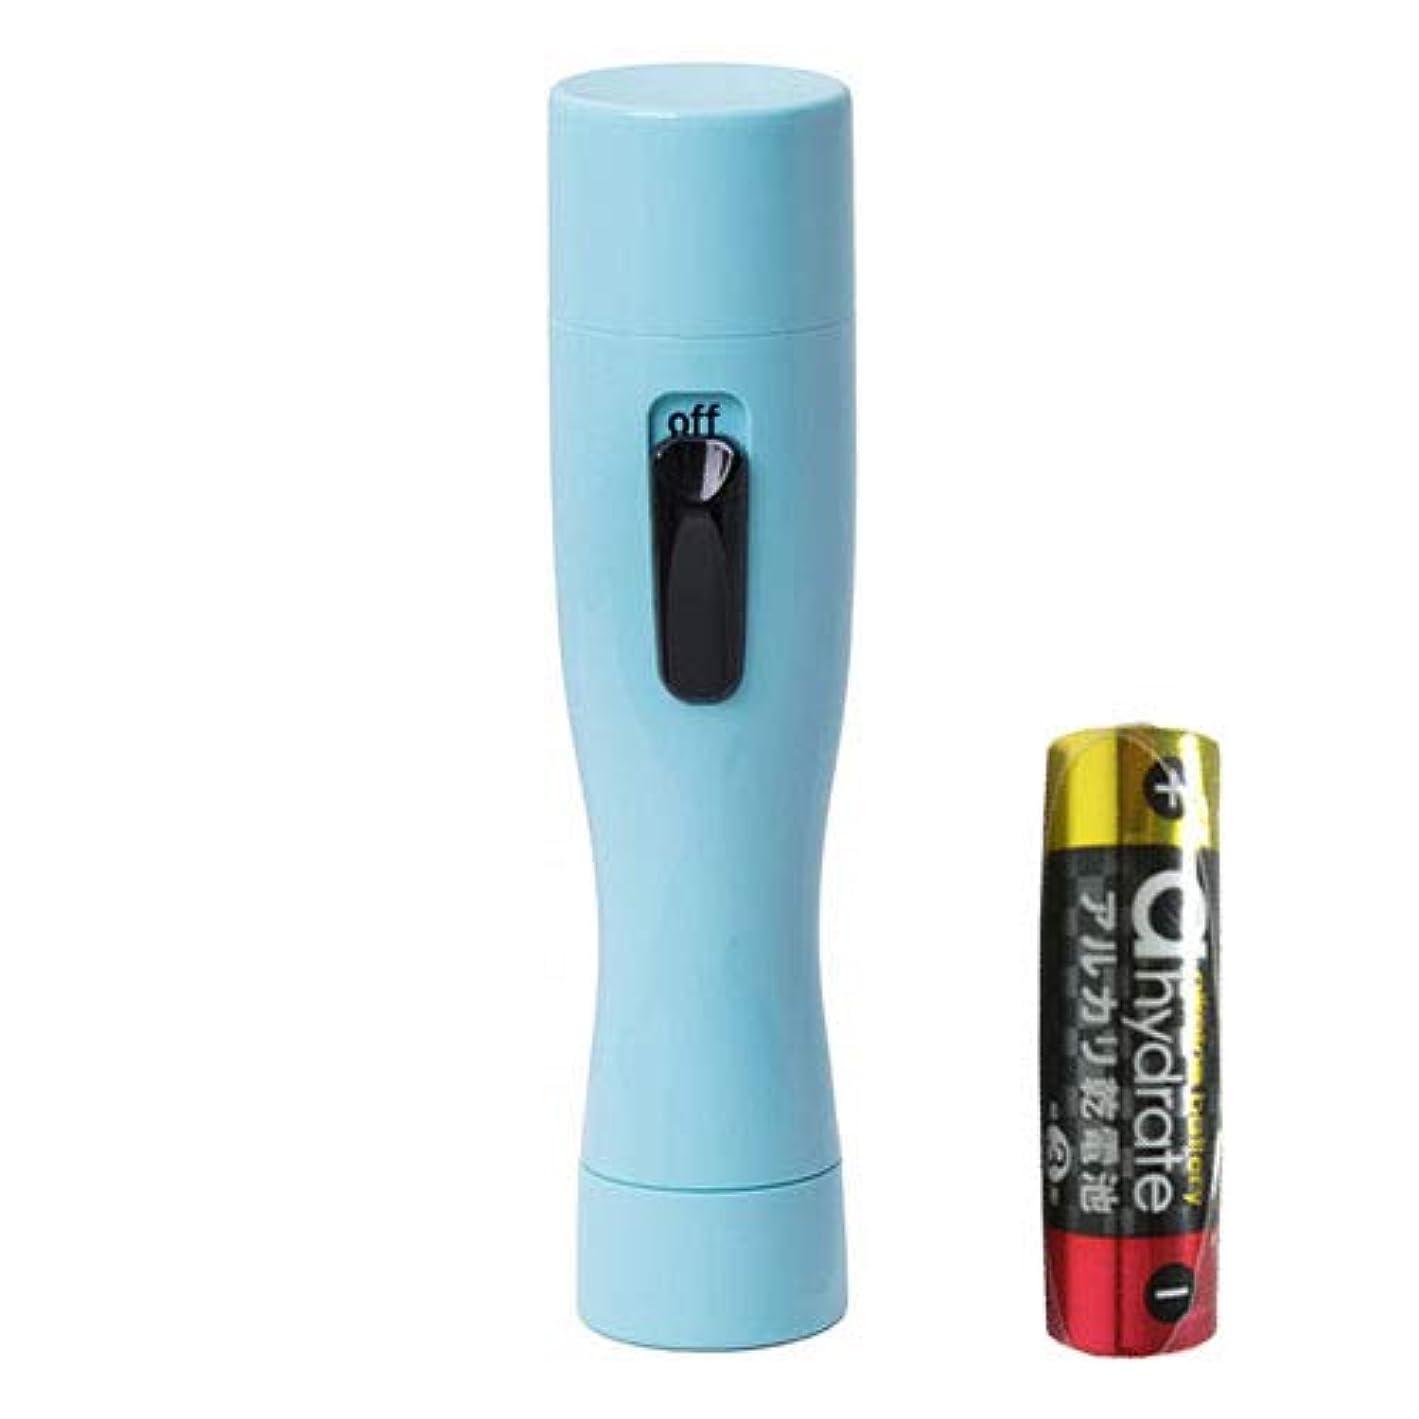 連合開梱最初アルファP Solstick mini(ソルスティックミニ) パステルブルー + 単3アルカリ乾電池セット